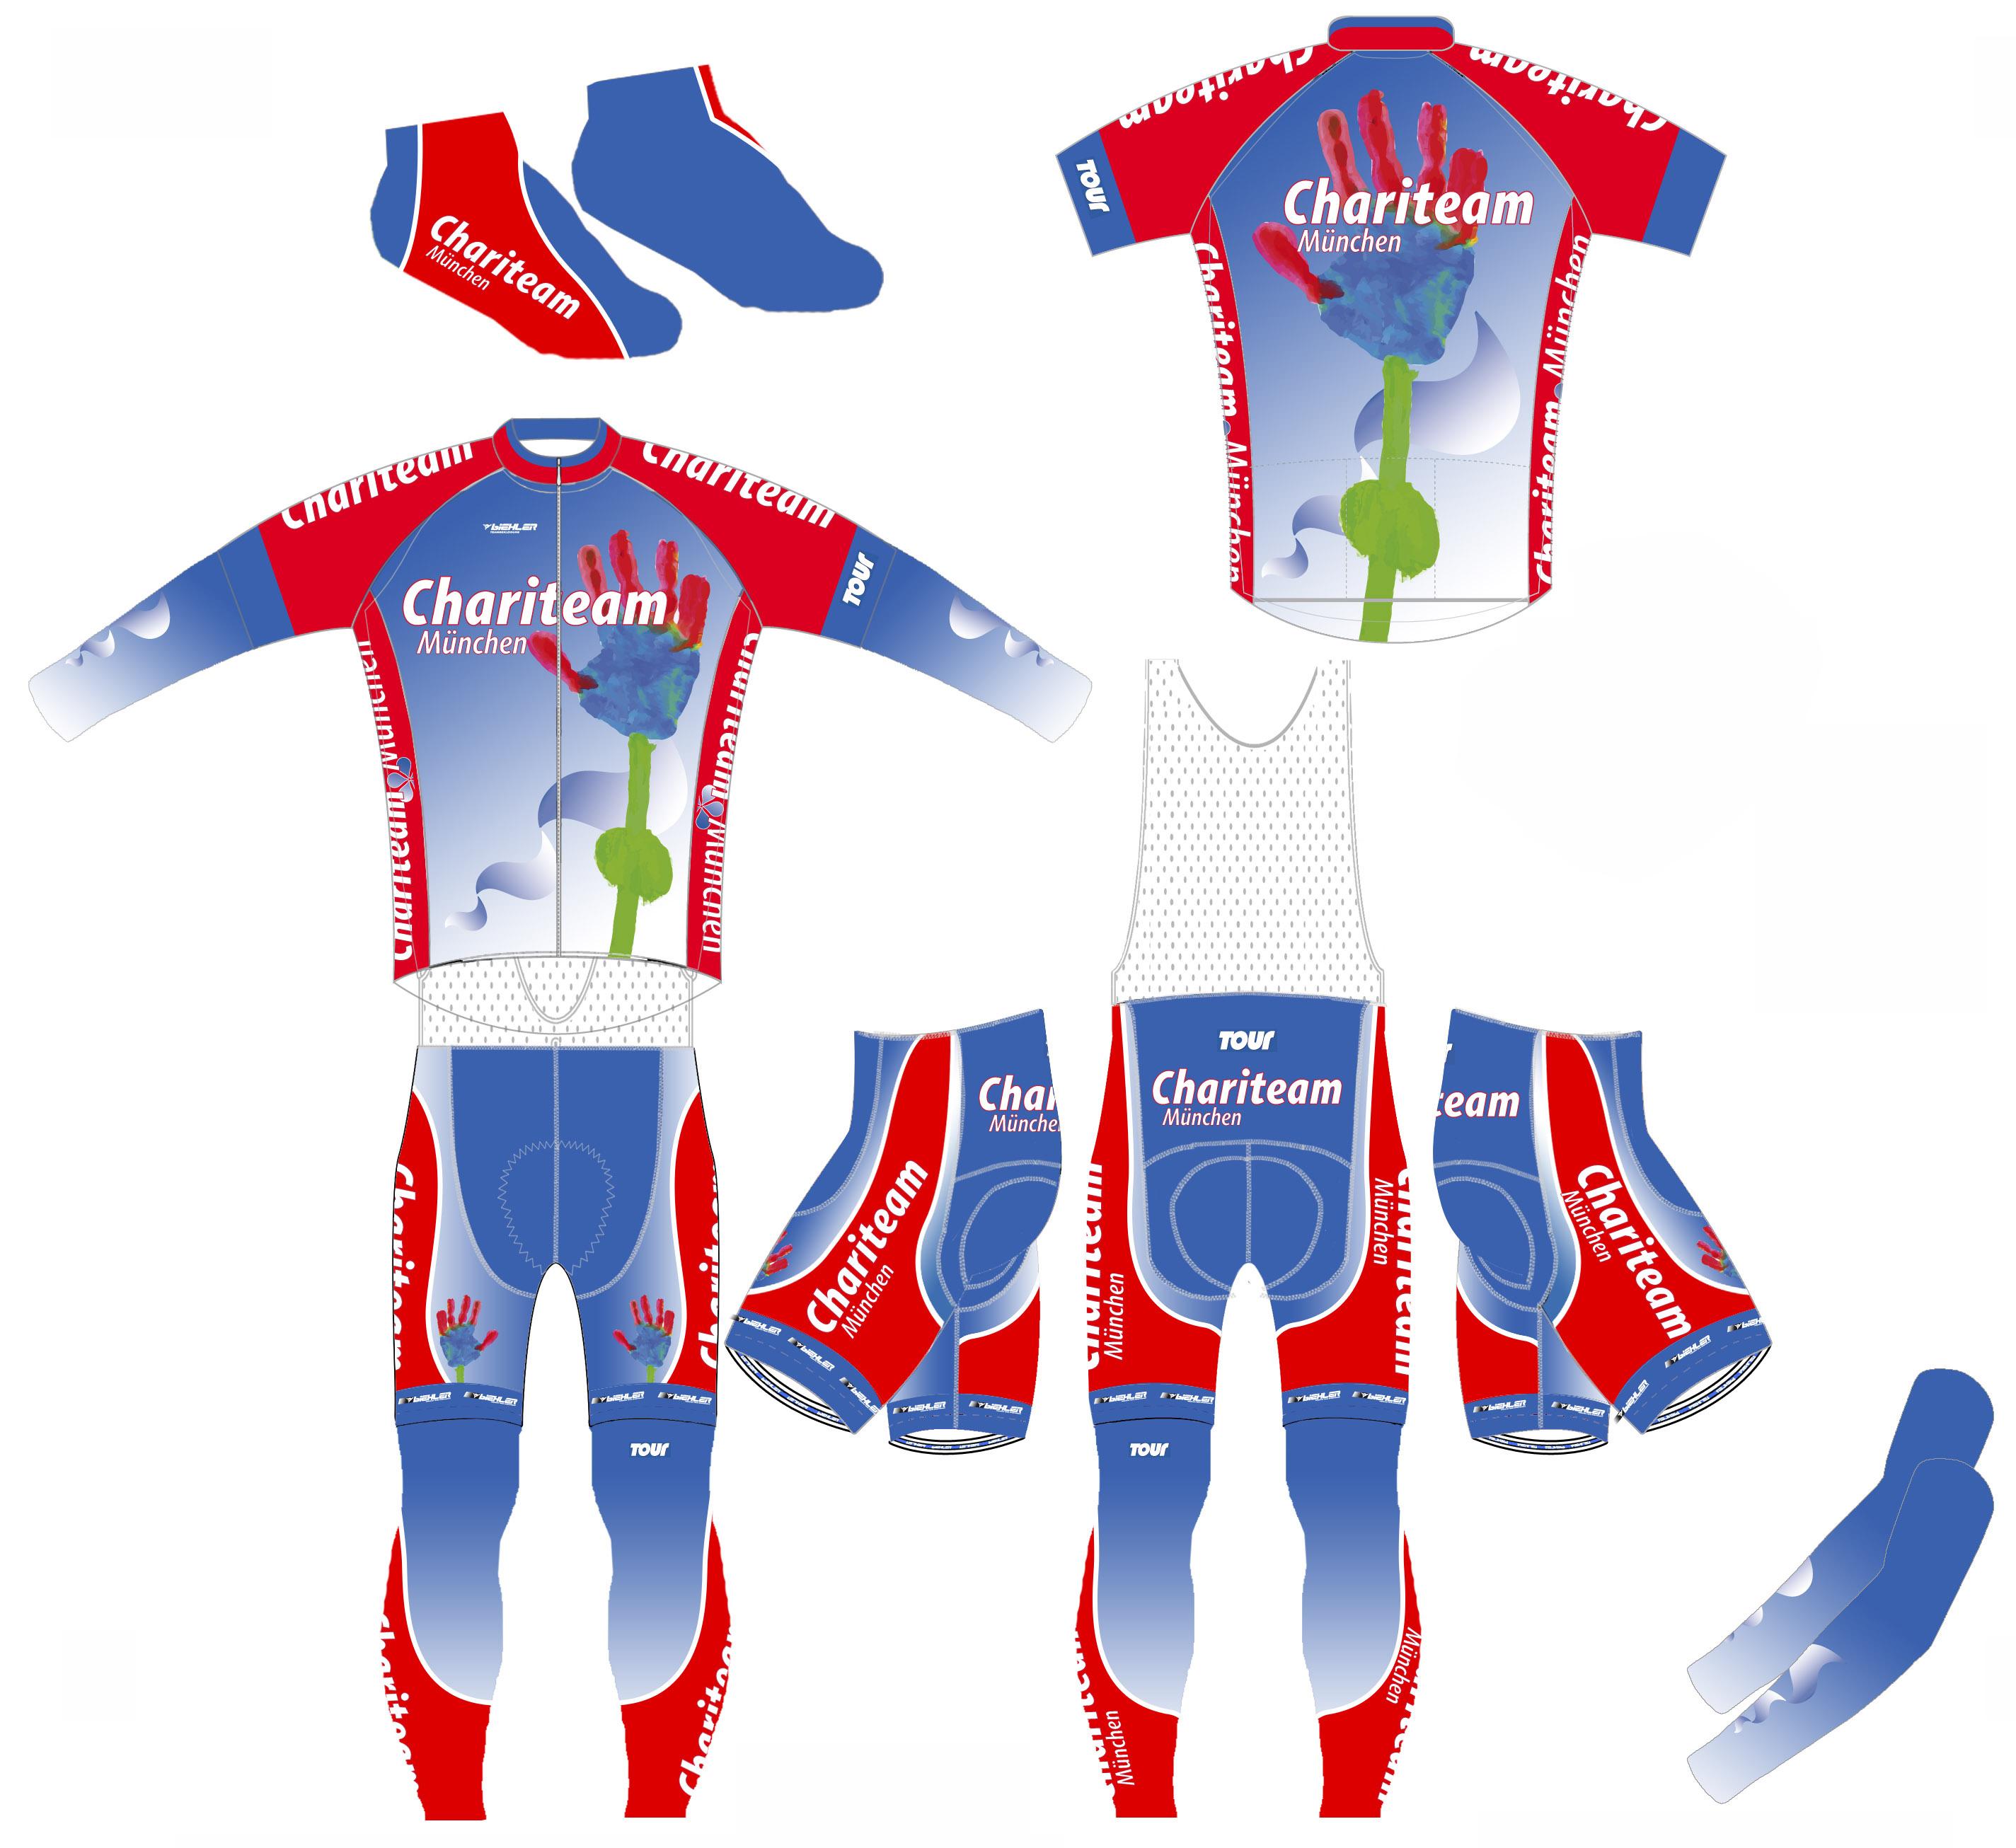 Entwurf für die Teambekleidung für das Chariteam München, bestehend aus Trikot, Hose, Armlinge, Beinlinge, Überschuhe